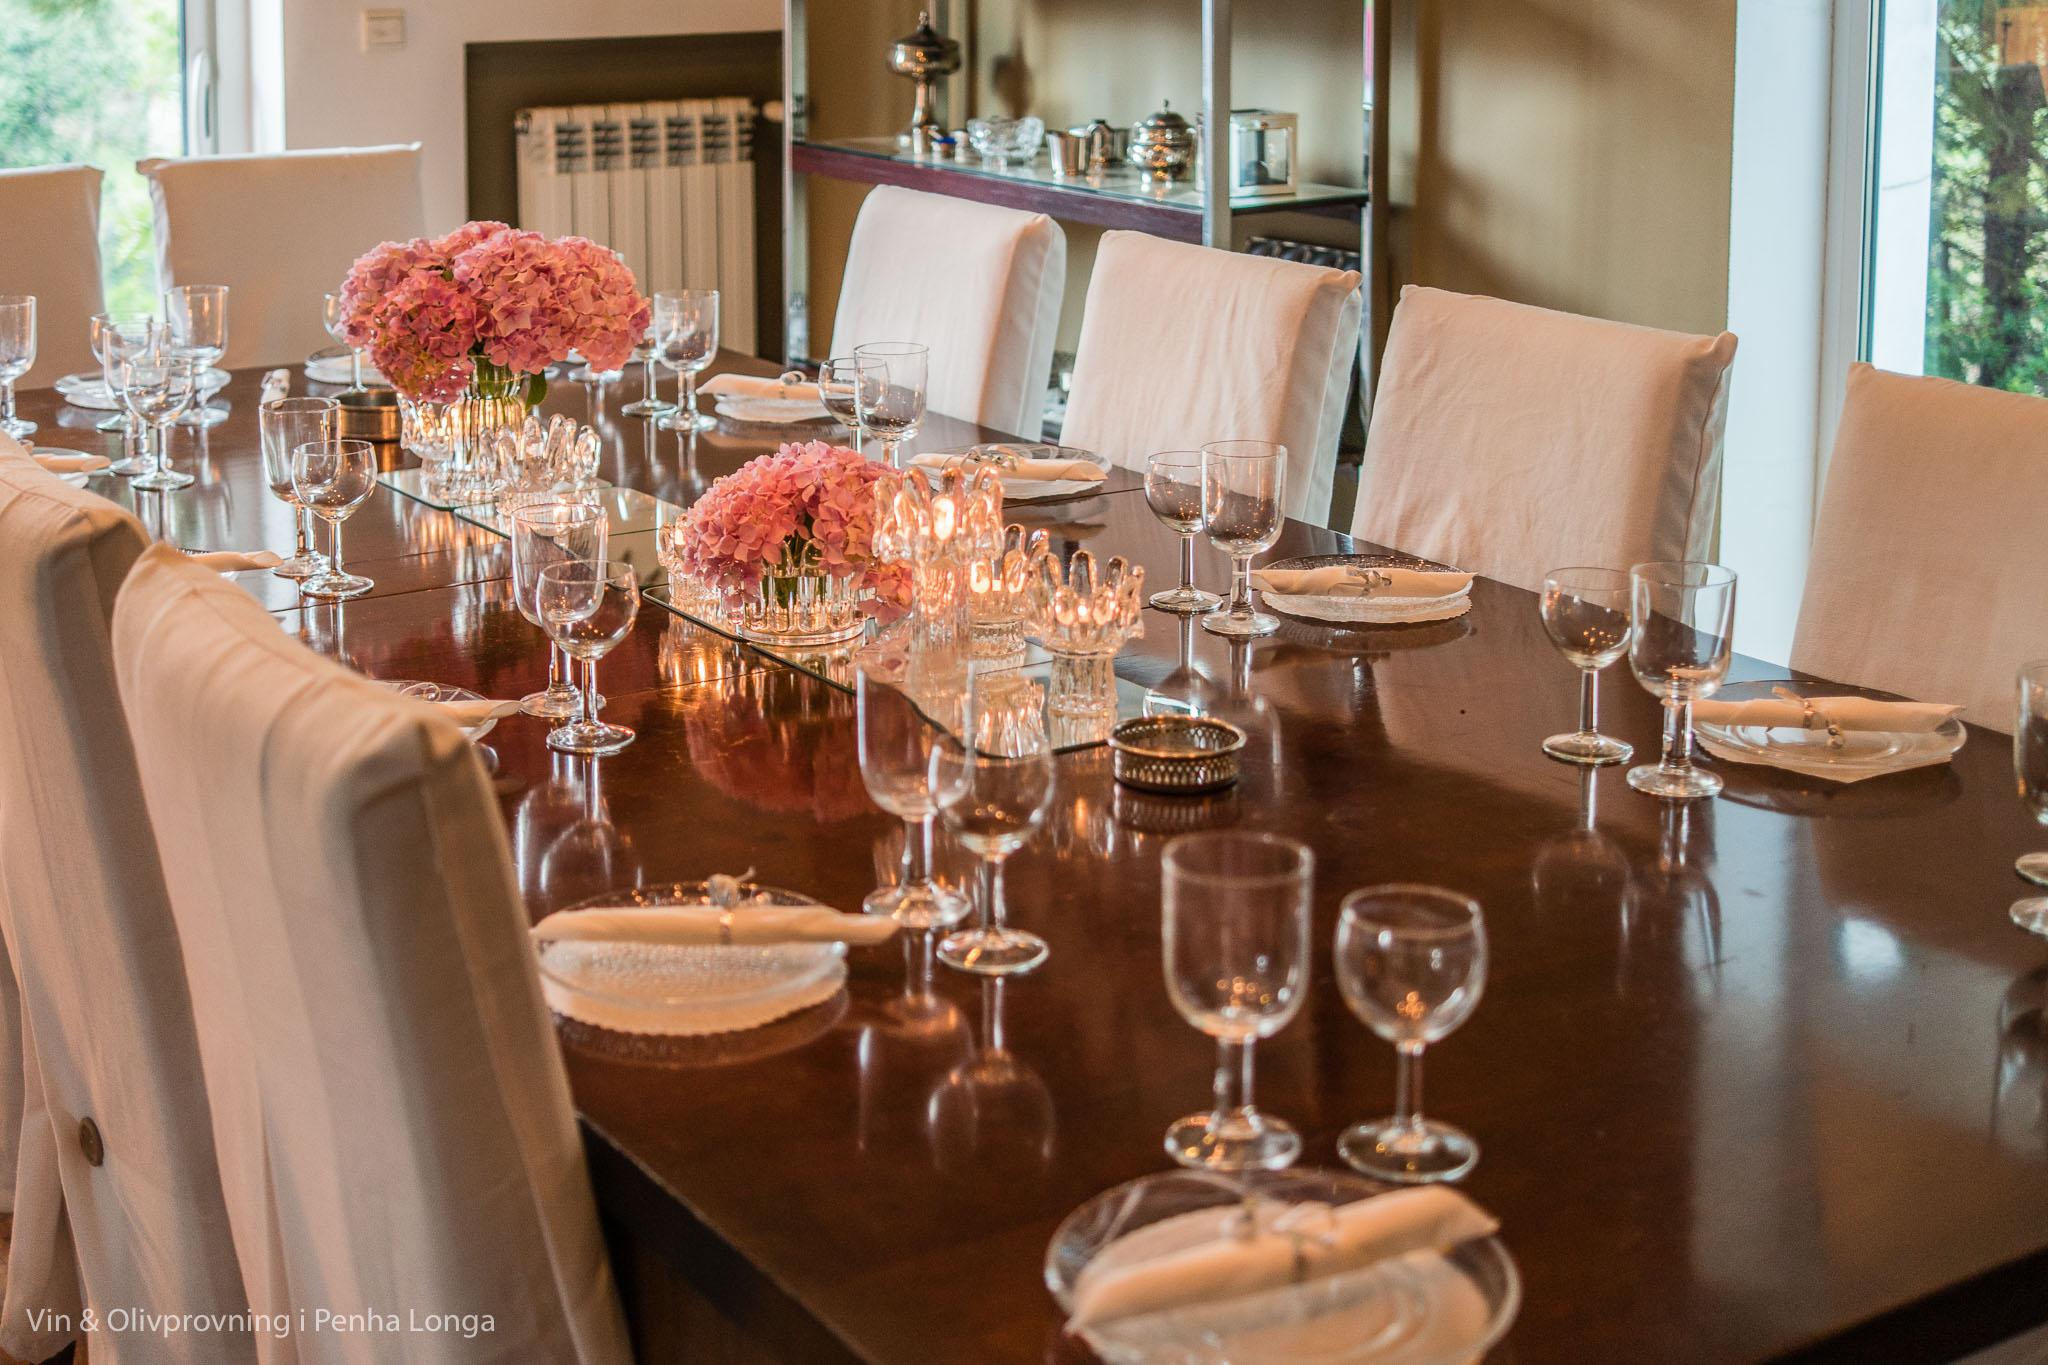 Uppdukat middagsbord inför kvällen